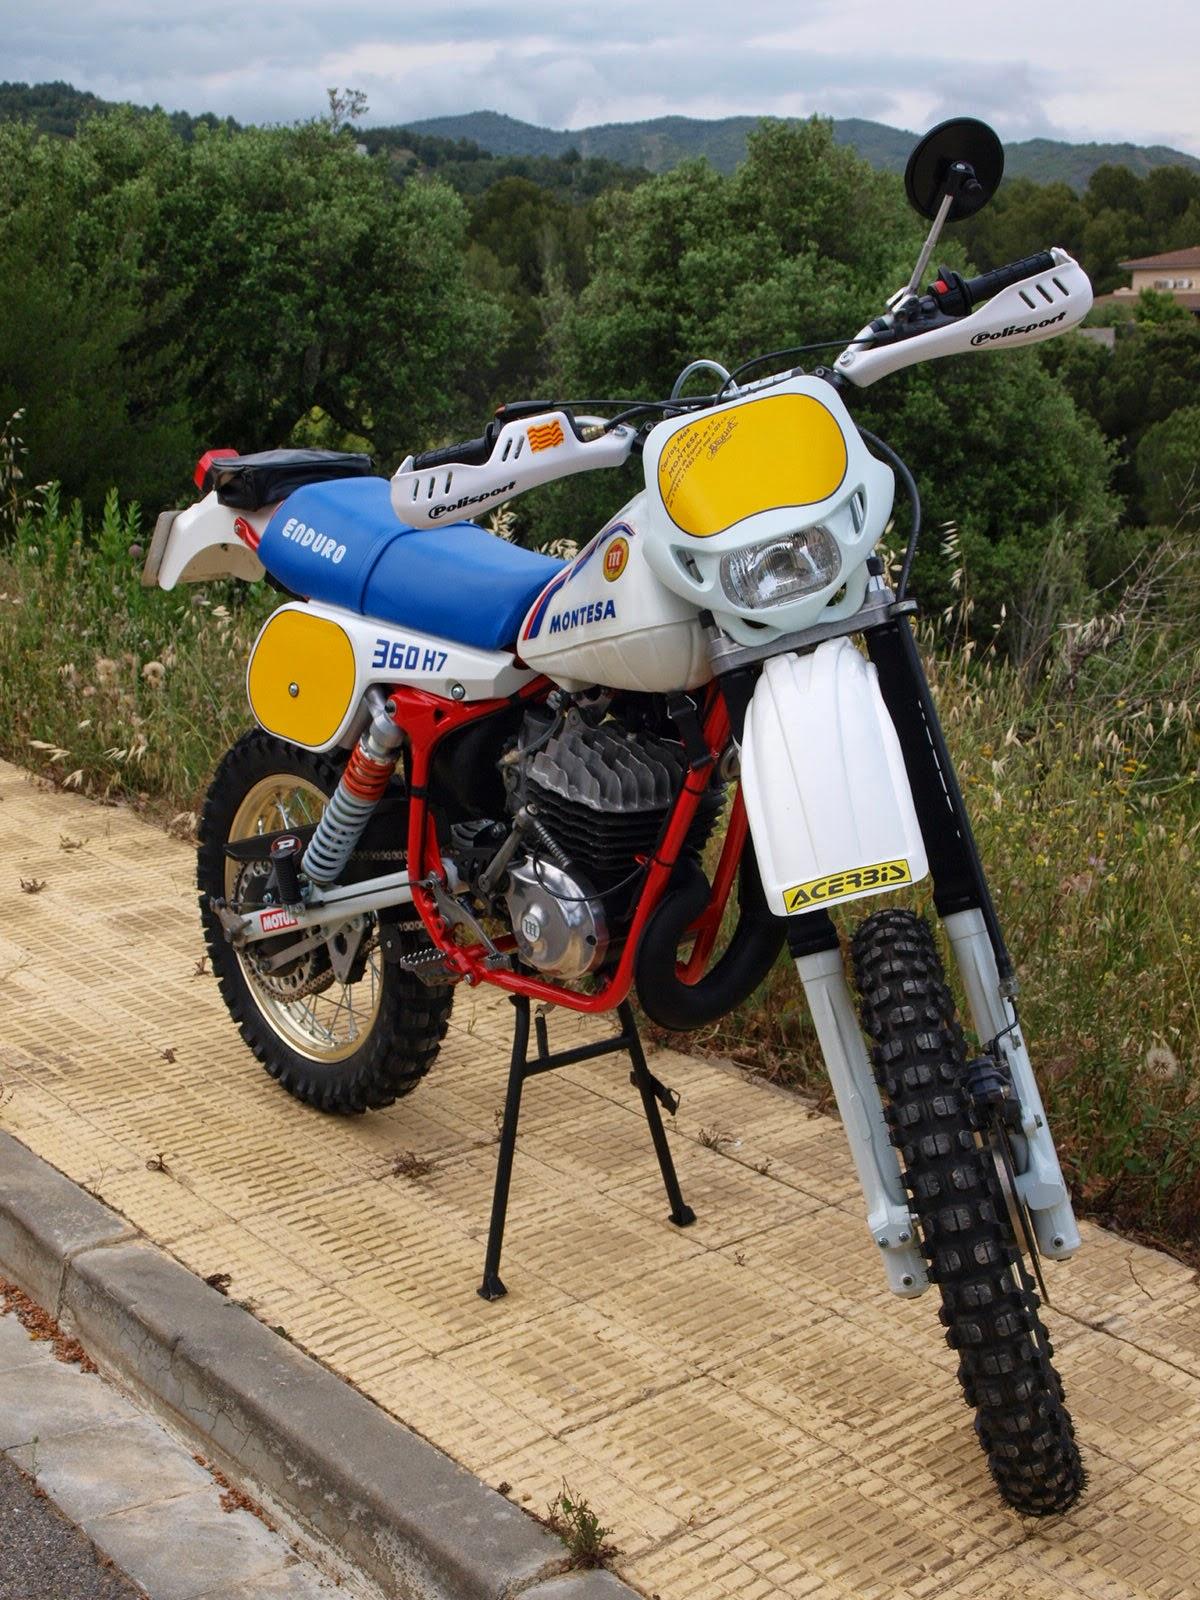 Montesa Enduro 360 H7 Carlos Mas 14lm26x